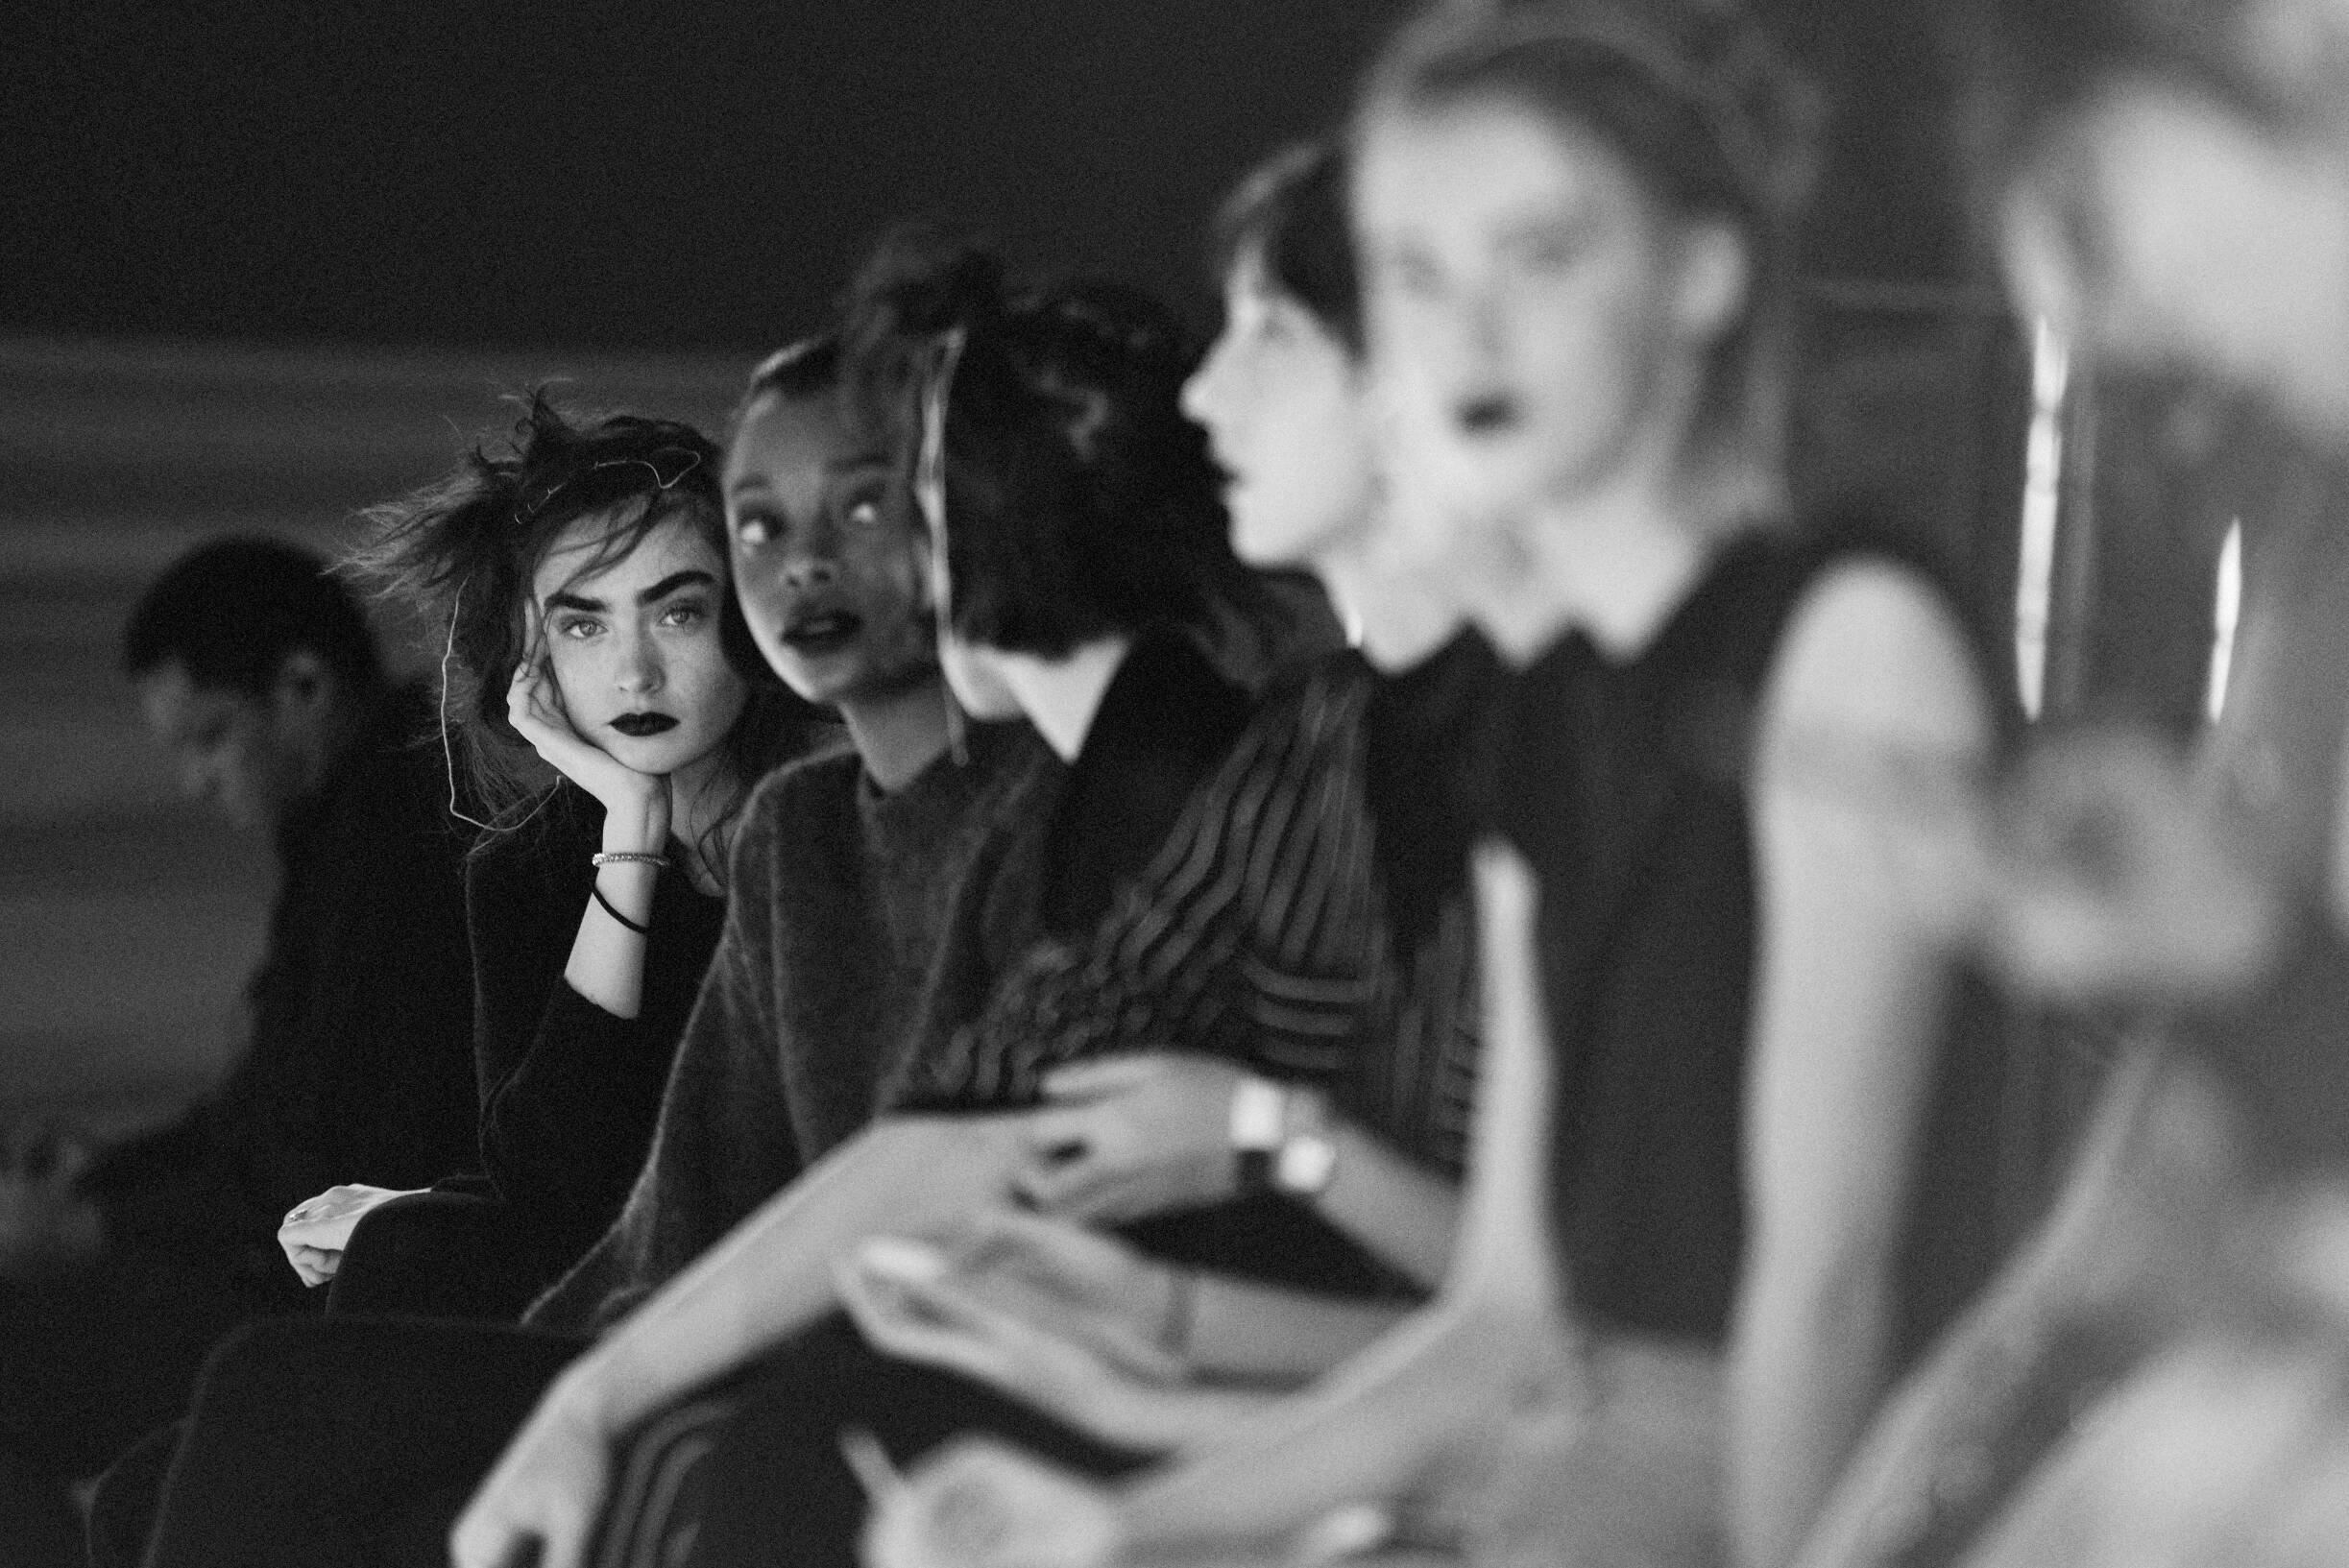 Backstage Yohji Yamamoto Models 2019 FW